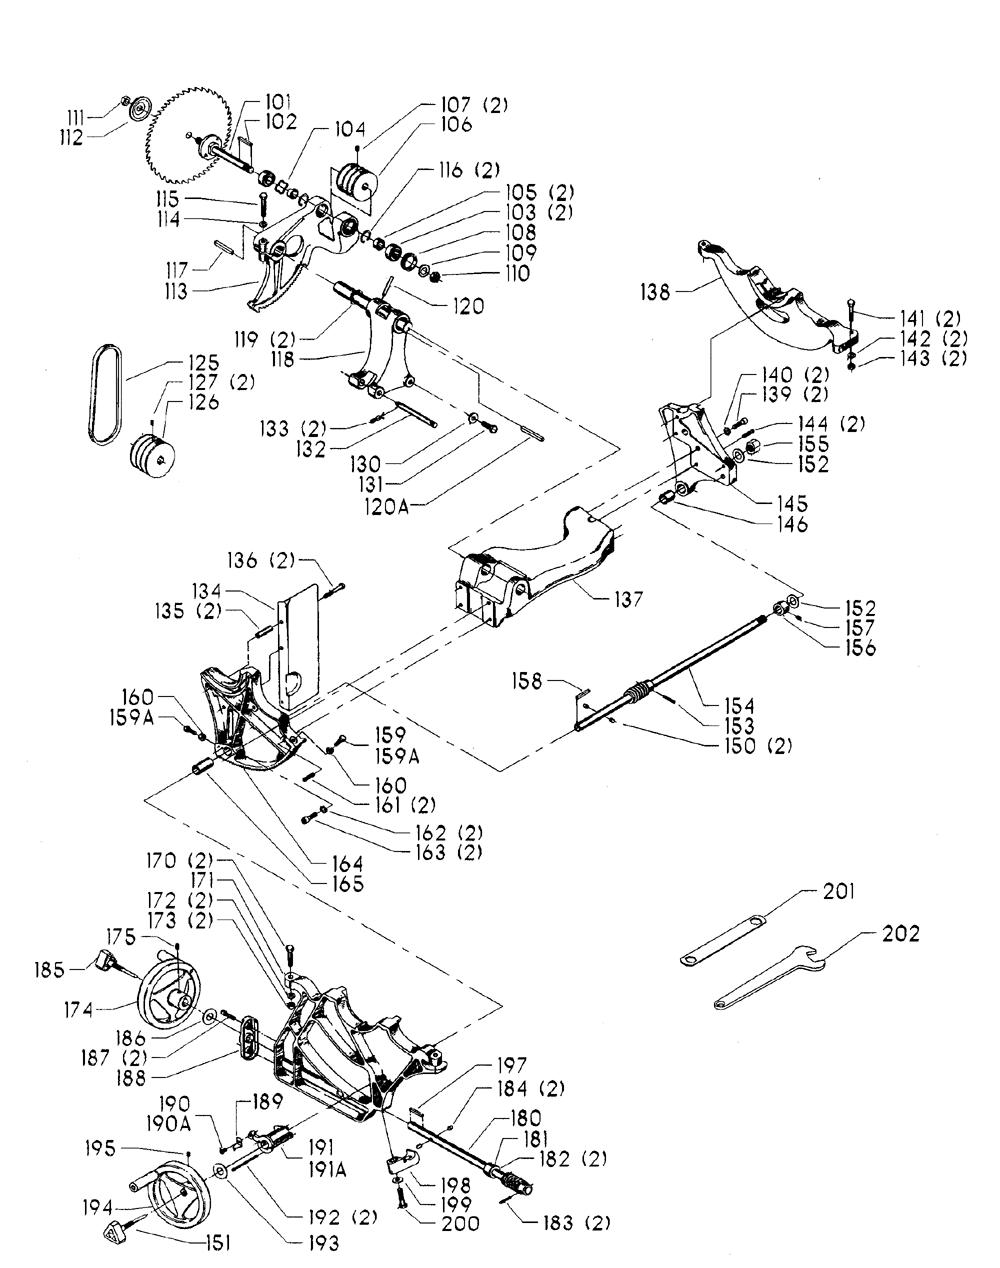 36-882-Delta-T1-PB-1Break Down